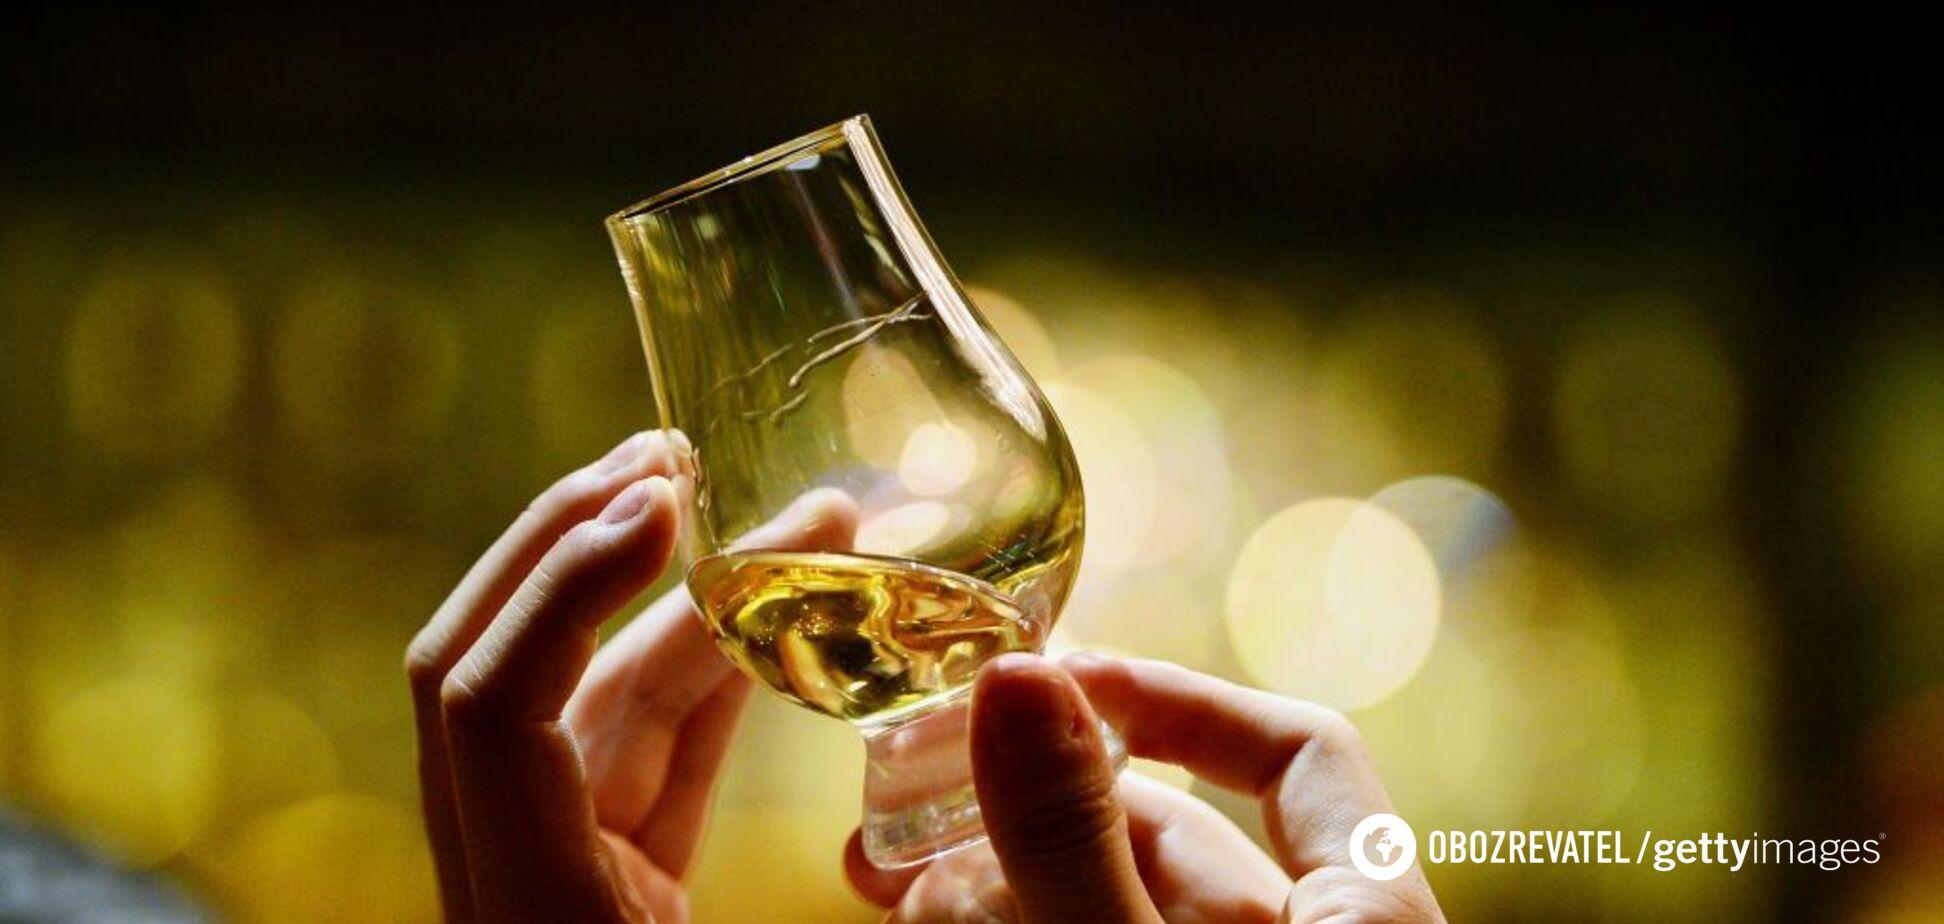 Названа безпечна доза алкоголю для чоловіків та жінок